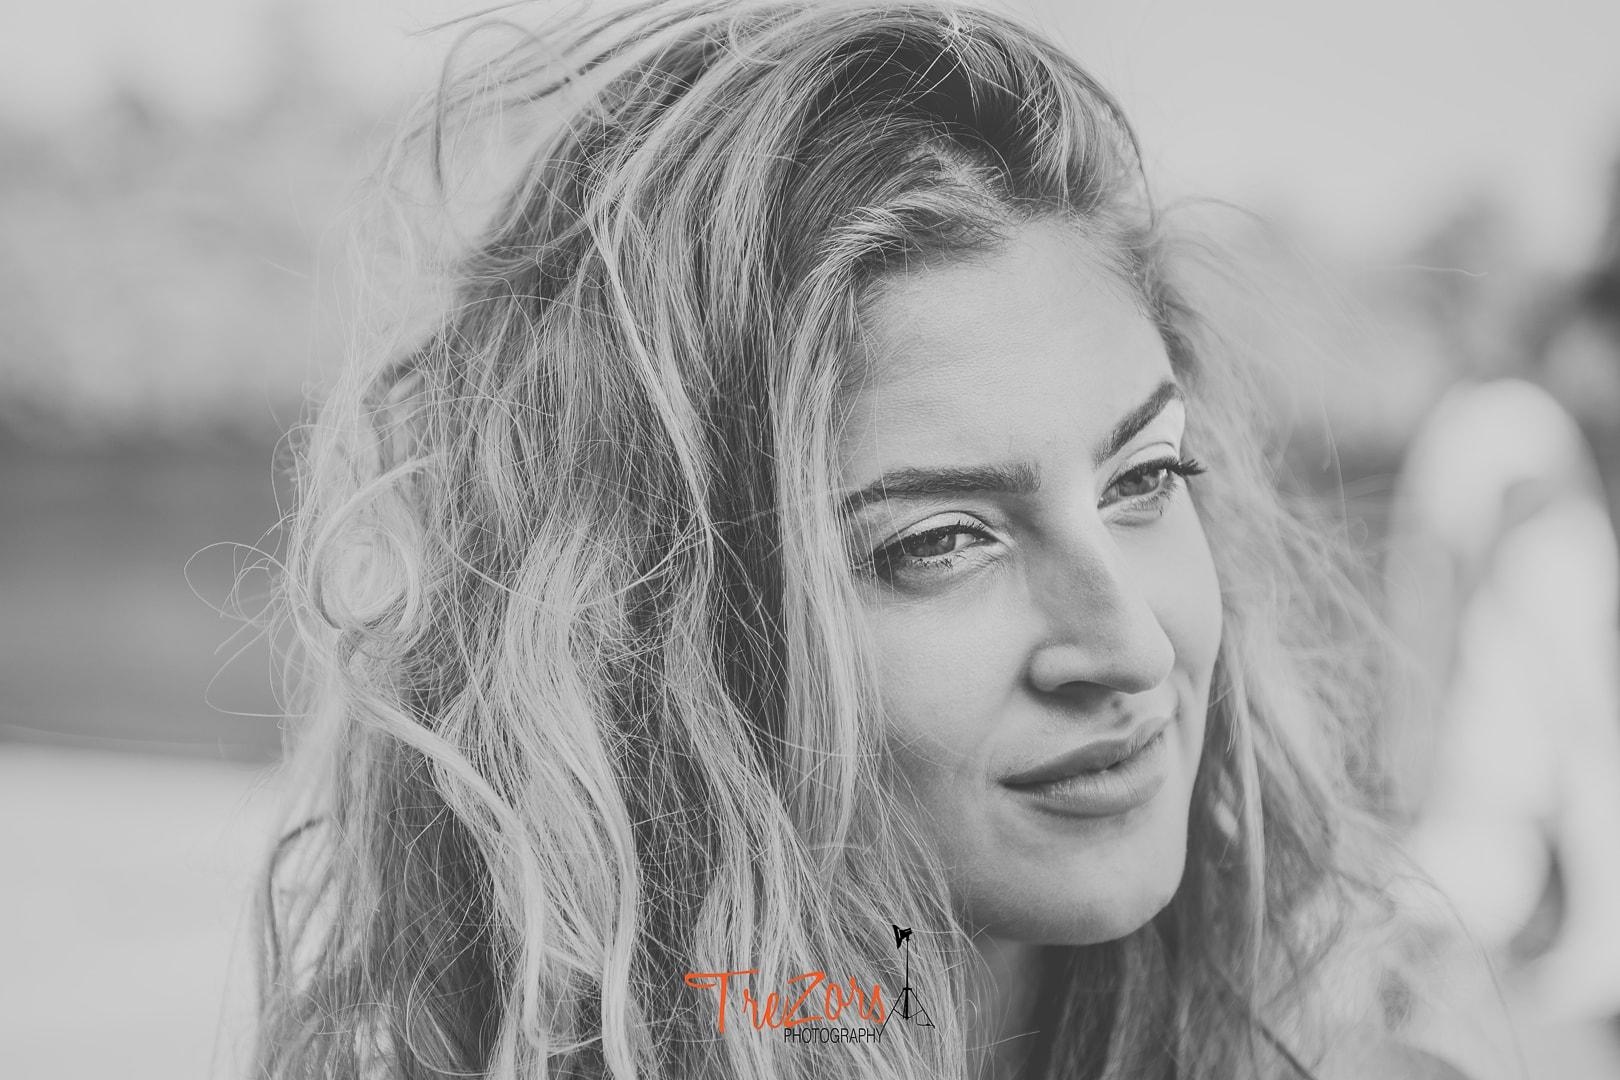 trezors-photography-photographe-professionnel-toulouse-31-portrait-lifestyle (16)